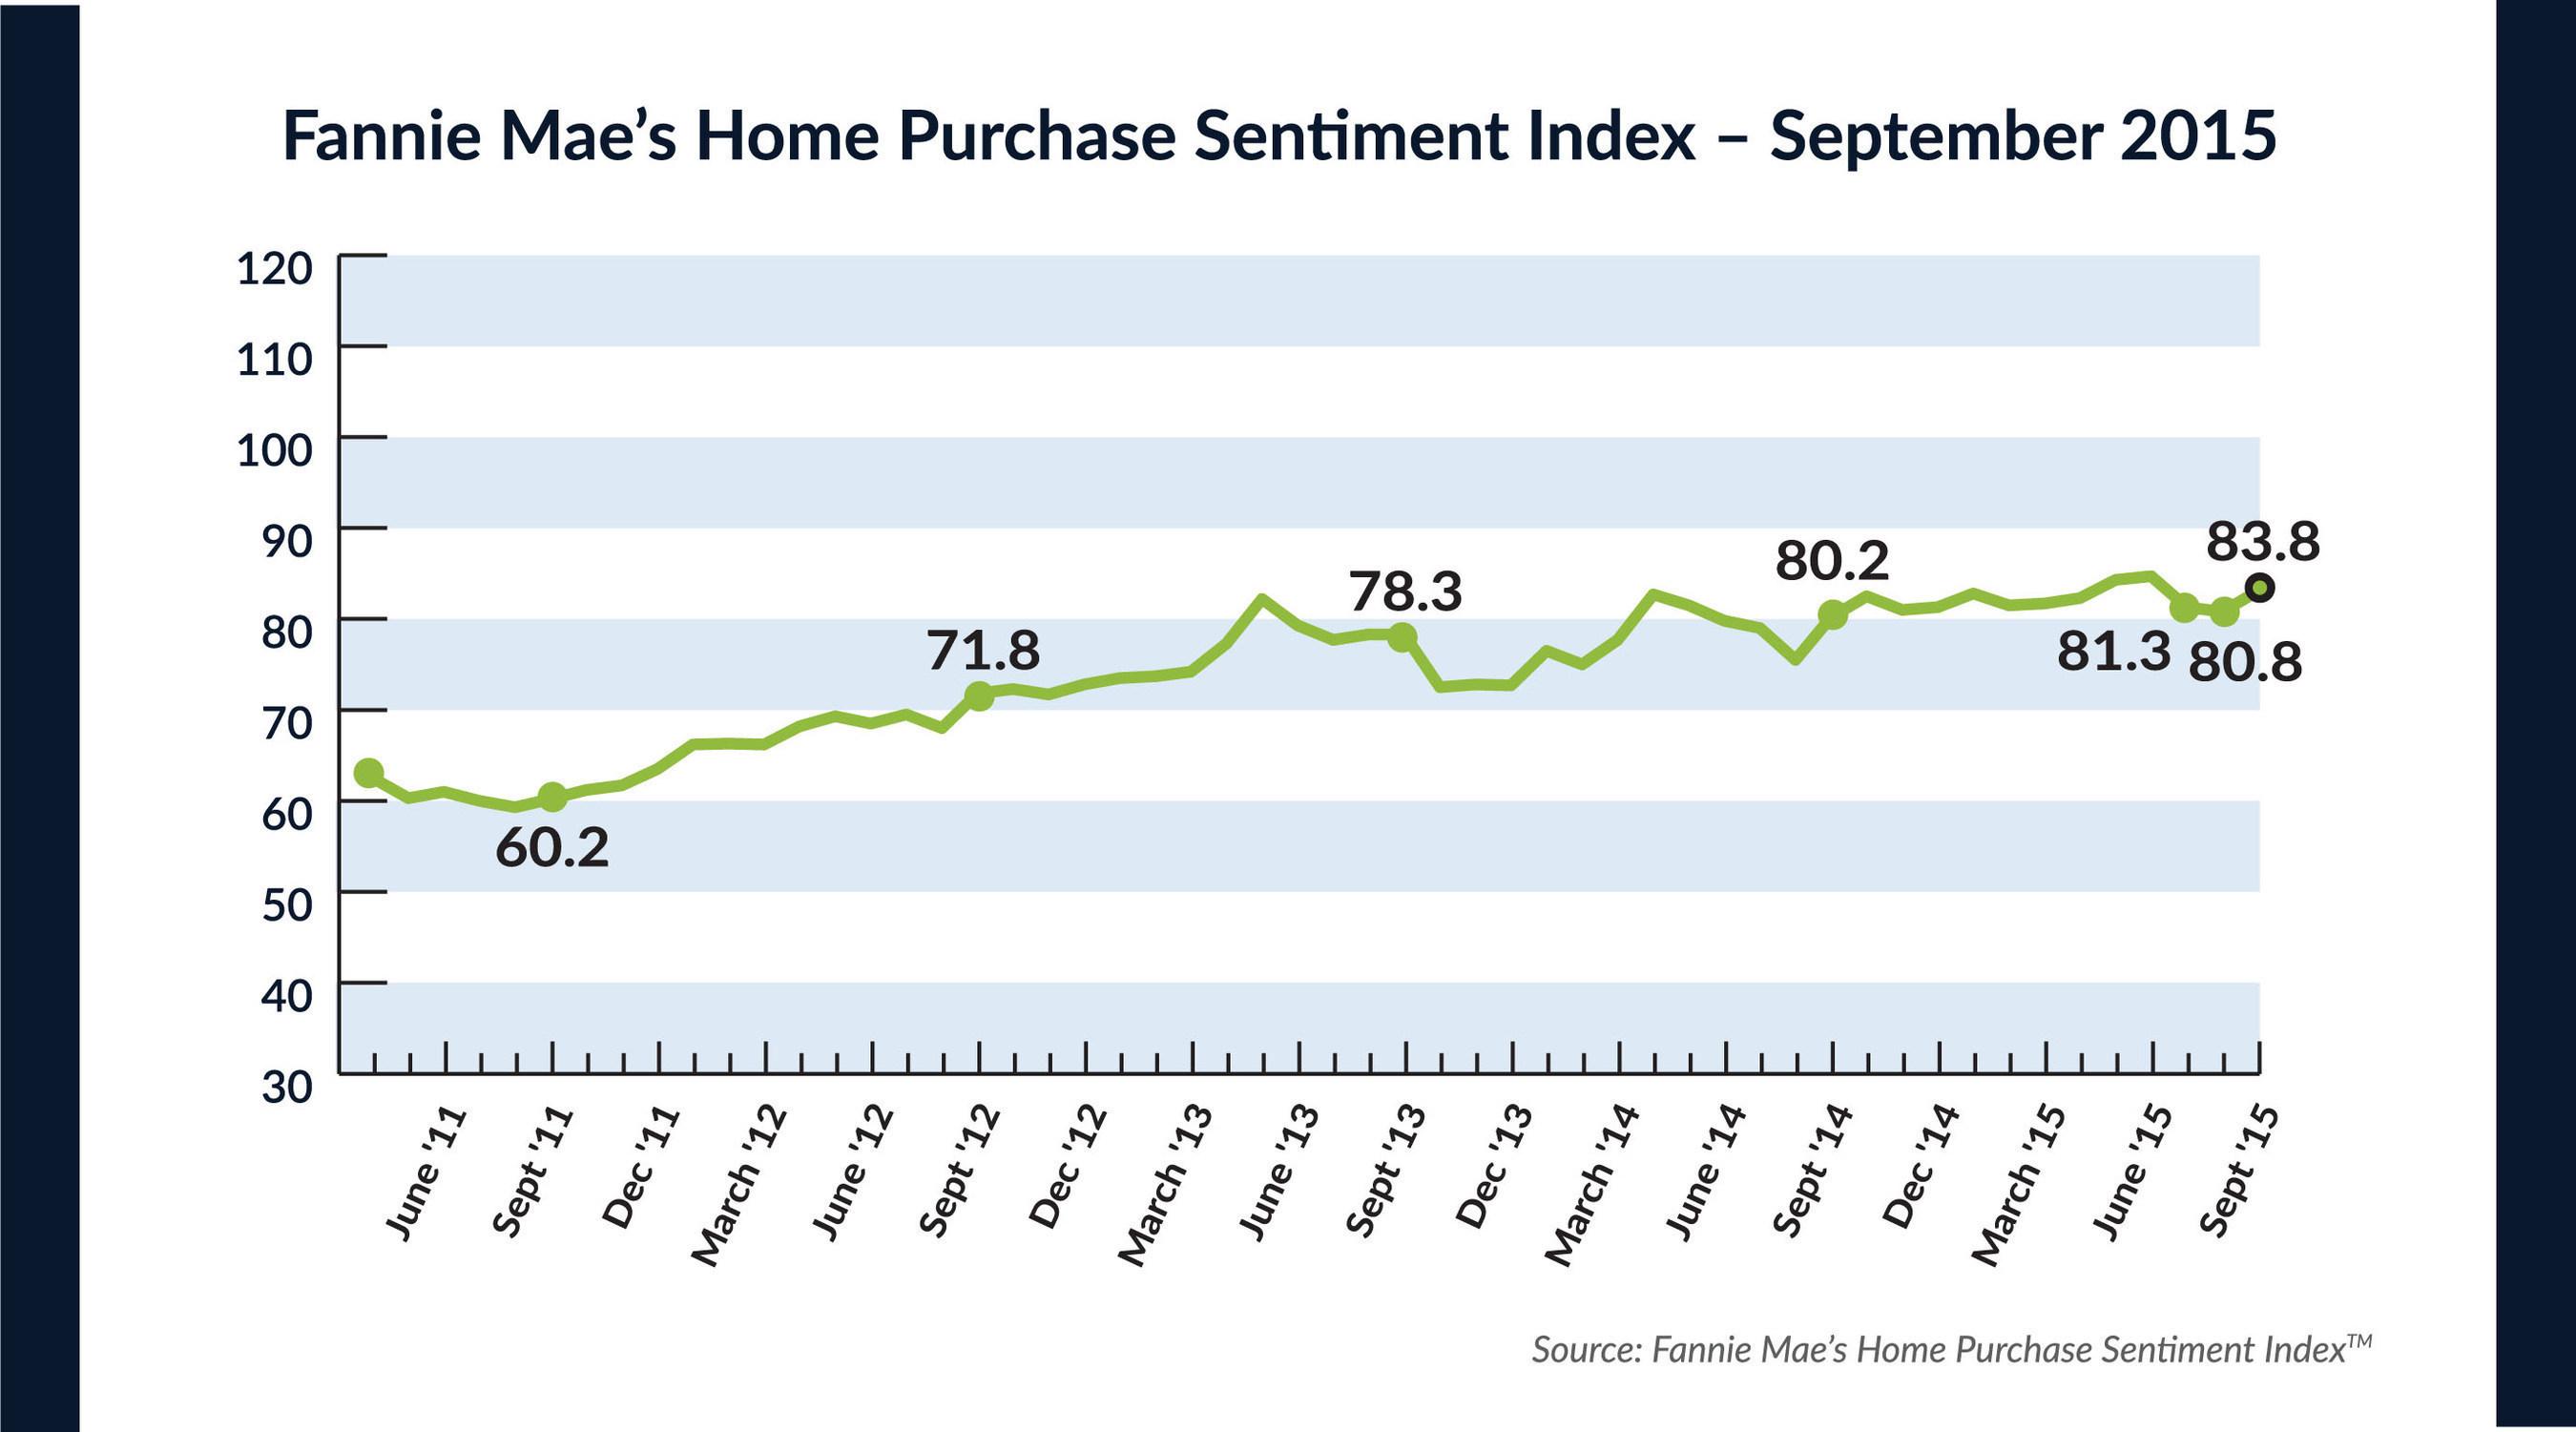 HPSI Increases to 83.8 - Upward Grind Resumes, Bringing the Housing Indicator Back Near Its Peak Level